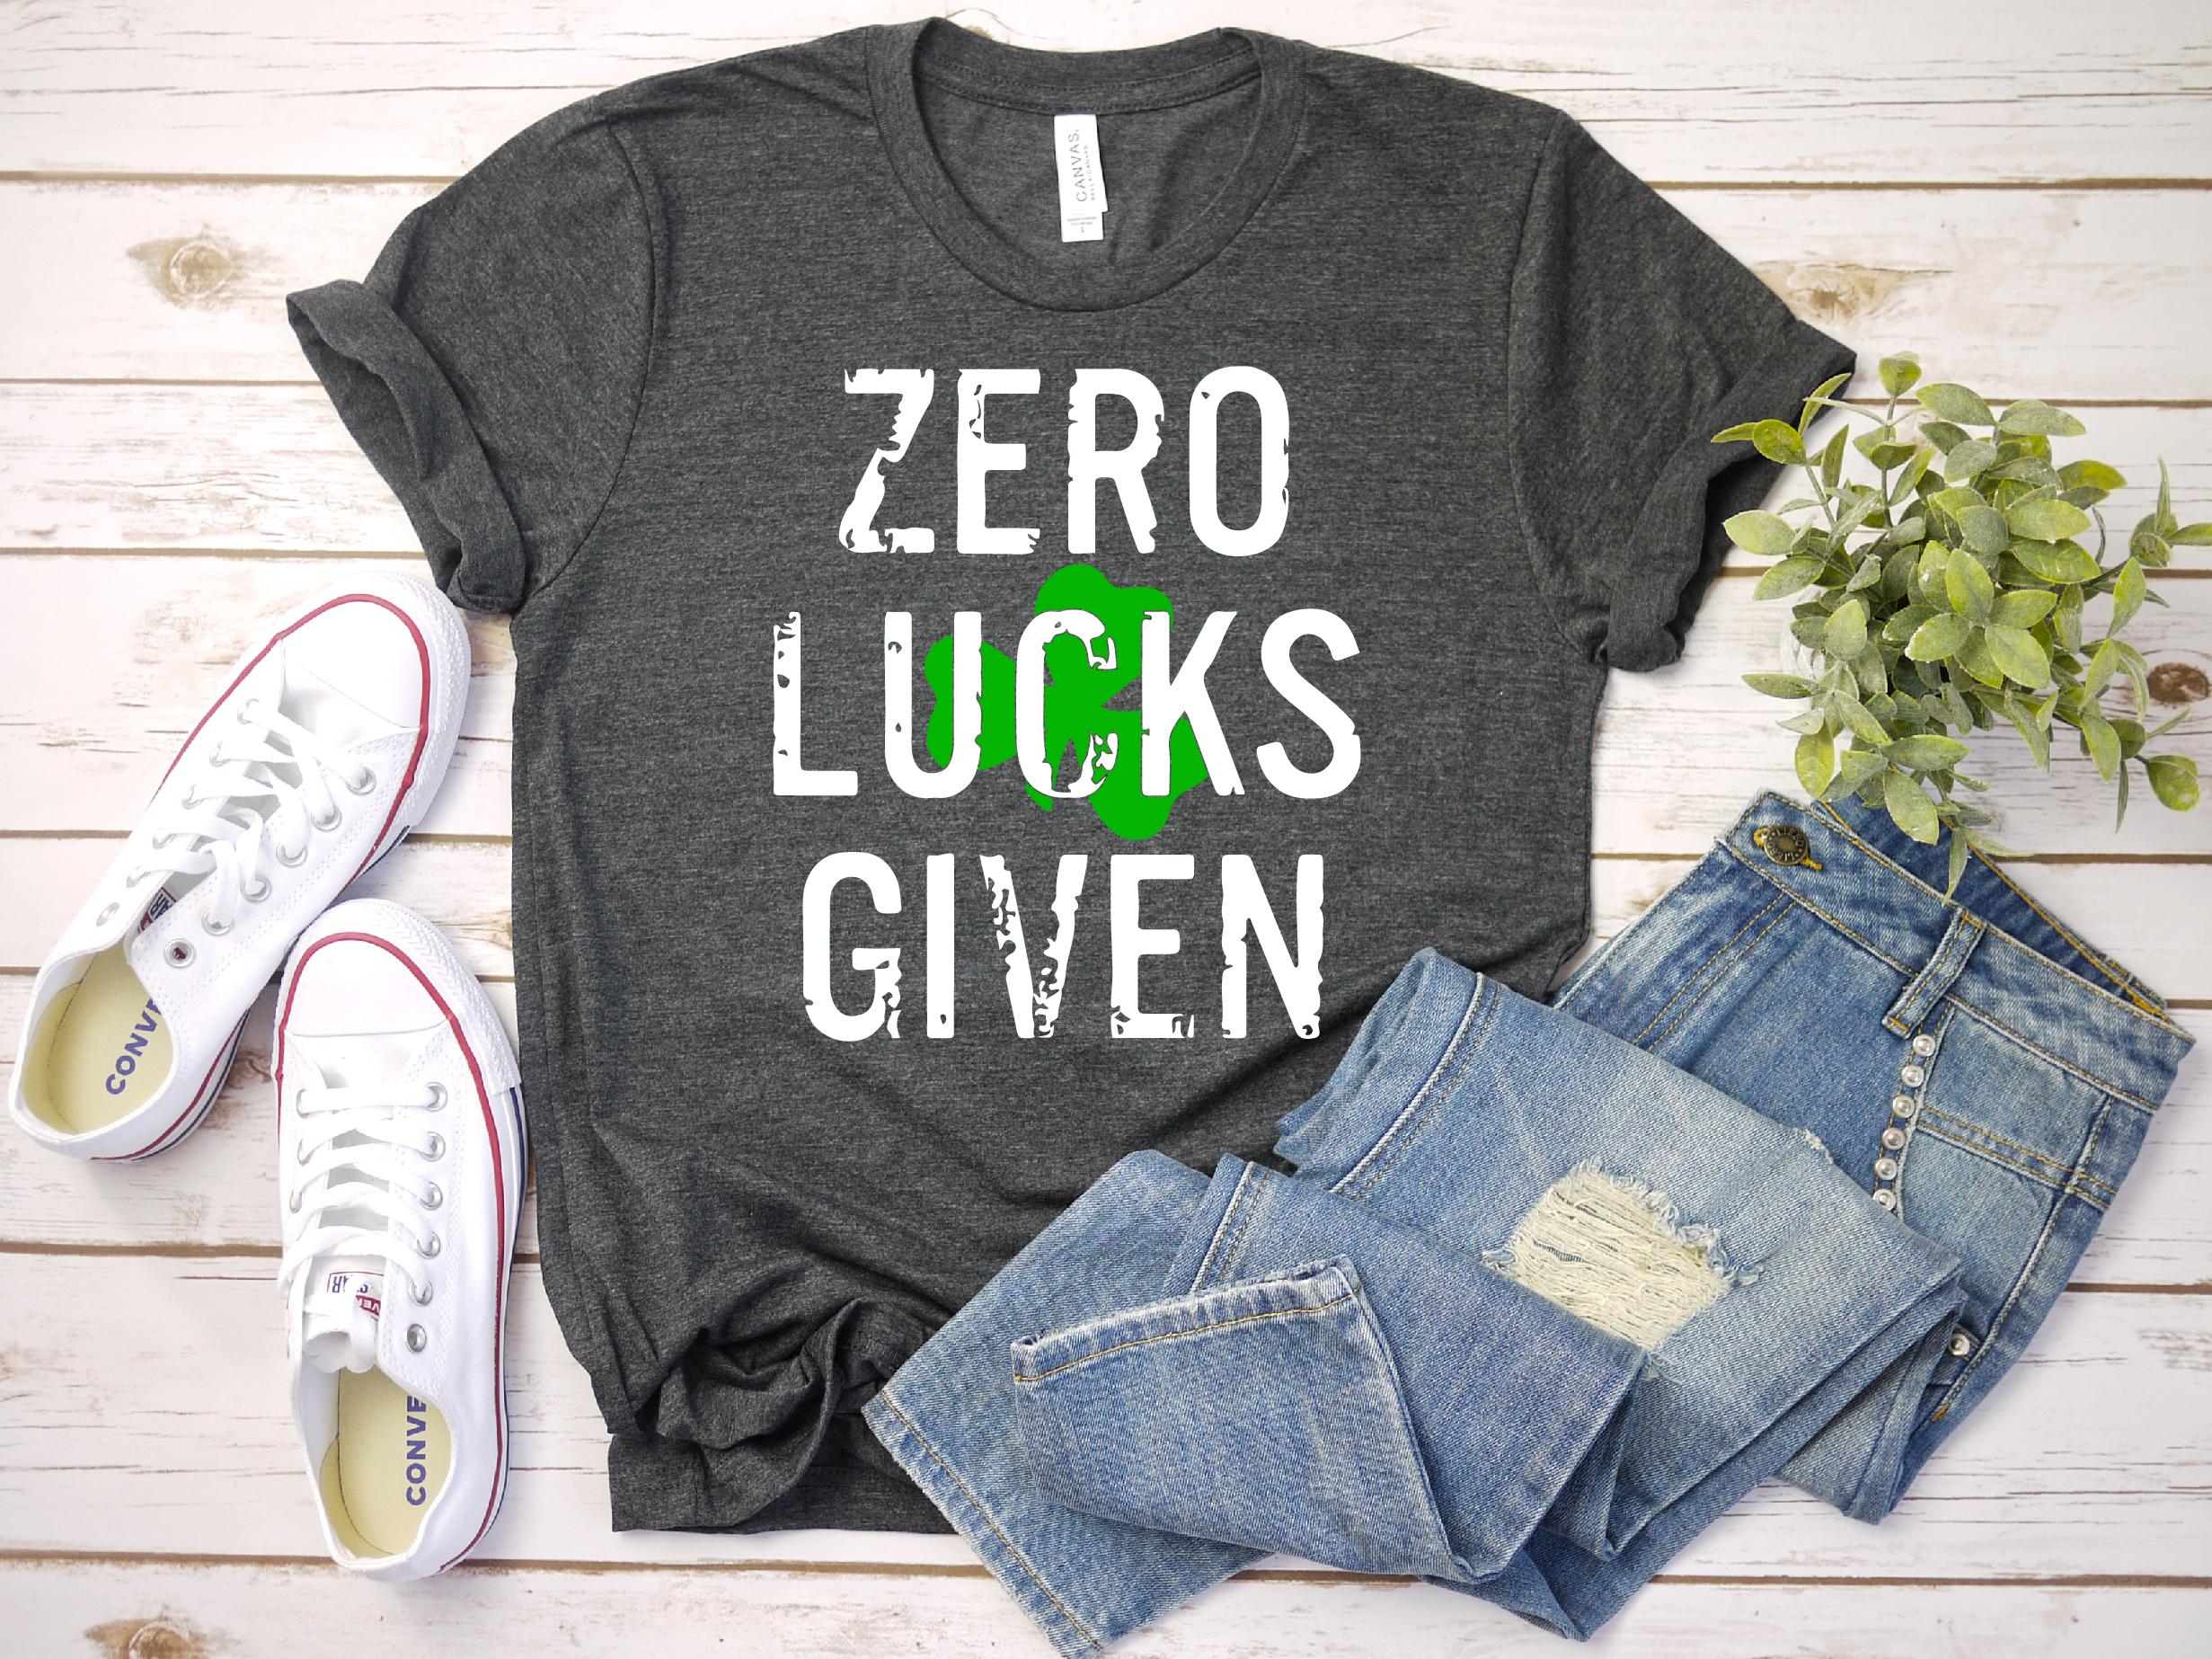 Zero lucks given clipart picture library Zero Lucks Given svg picture library